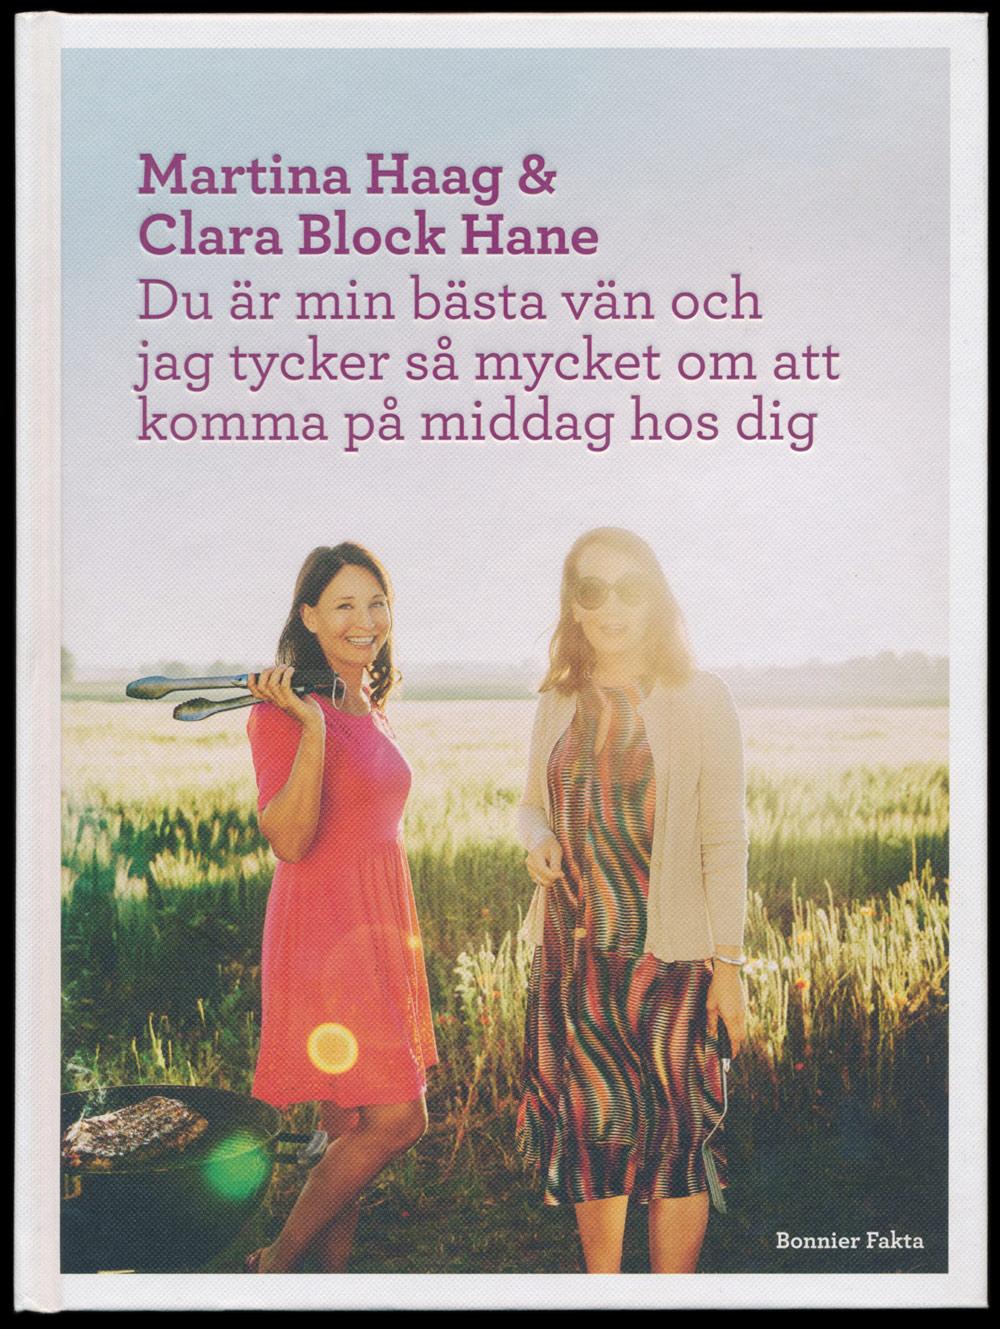 Du är min bästa vän och jag tycker så mycket om att komma på middag hos dig skriven av Martina Haag och Clara Block Hane